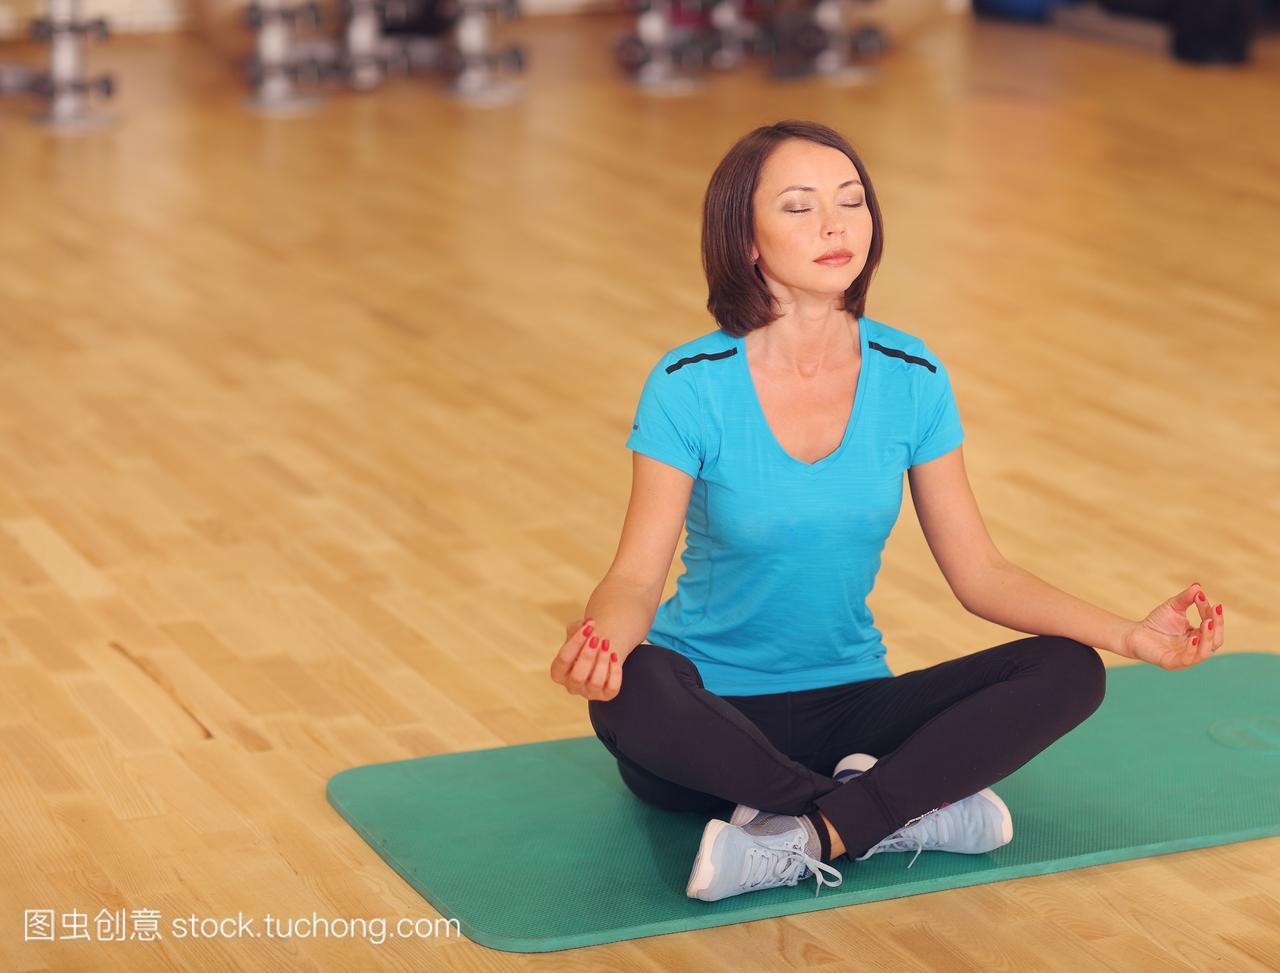 女子健美操体育健身射箭到地上,瑜伽坐在女孩pc版鬼武者3运动图片